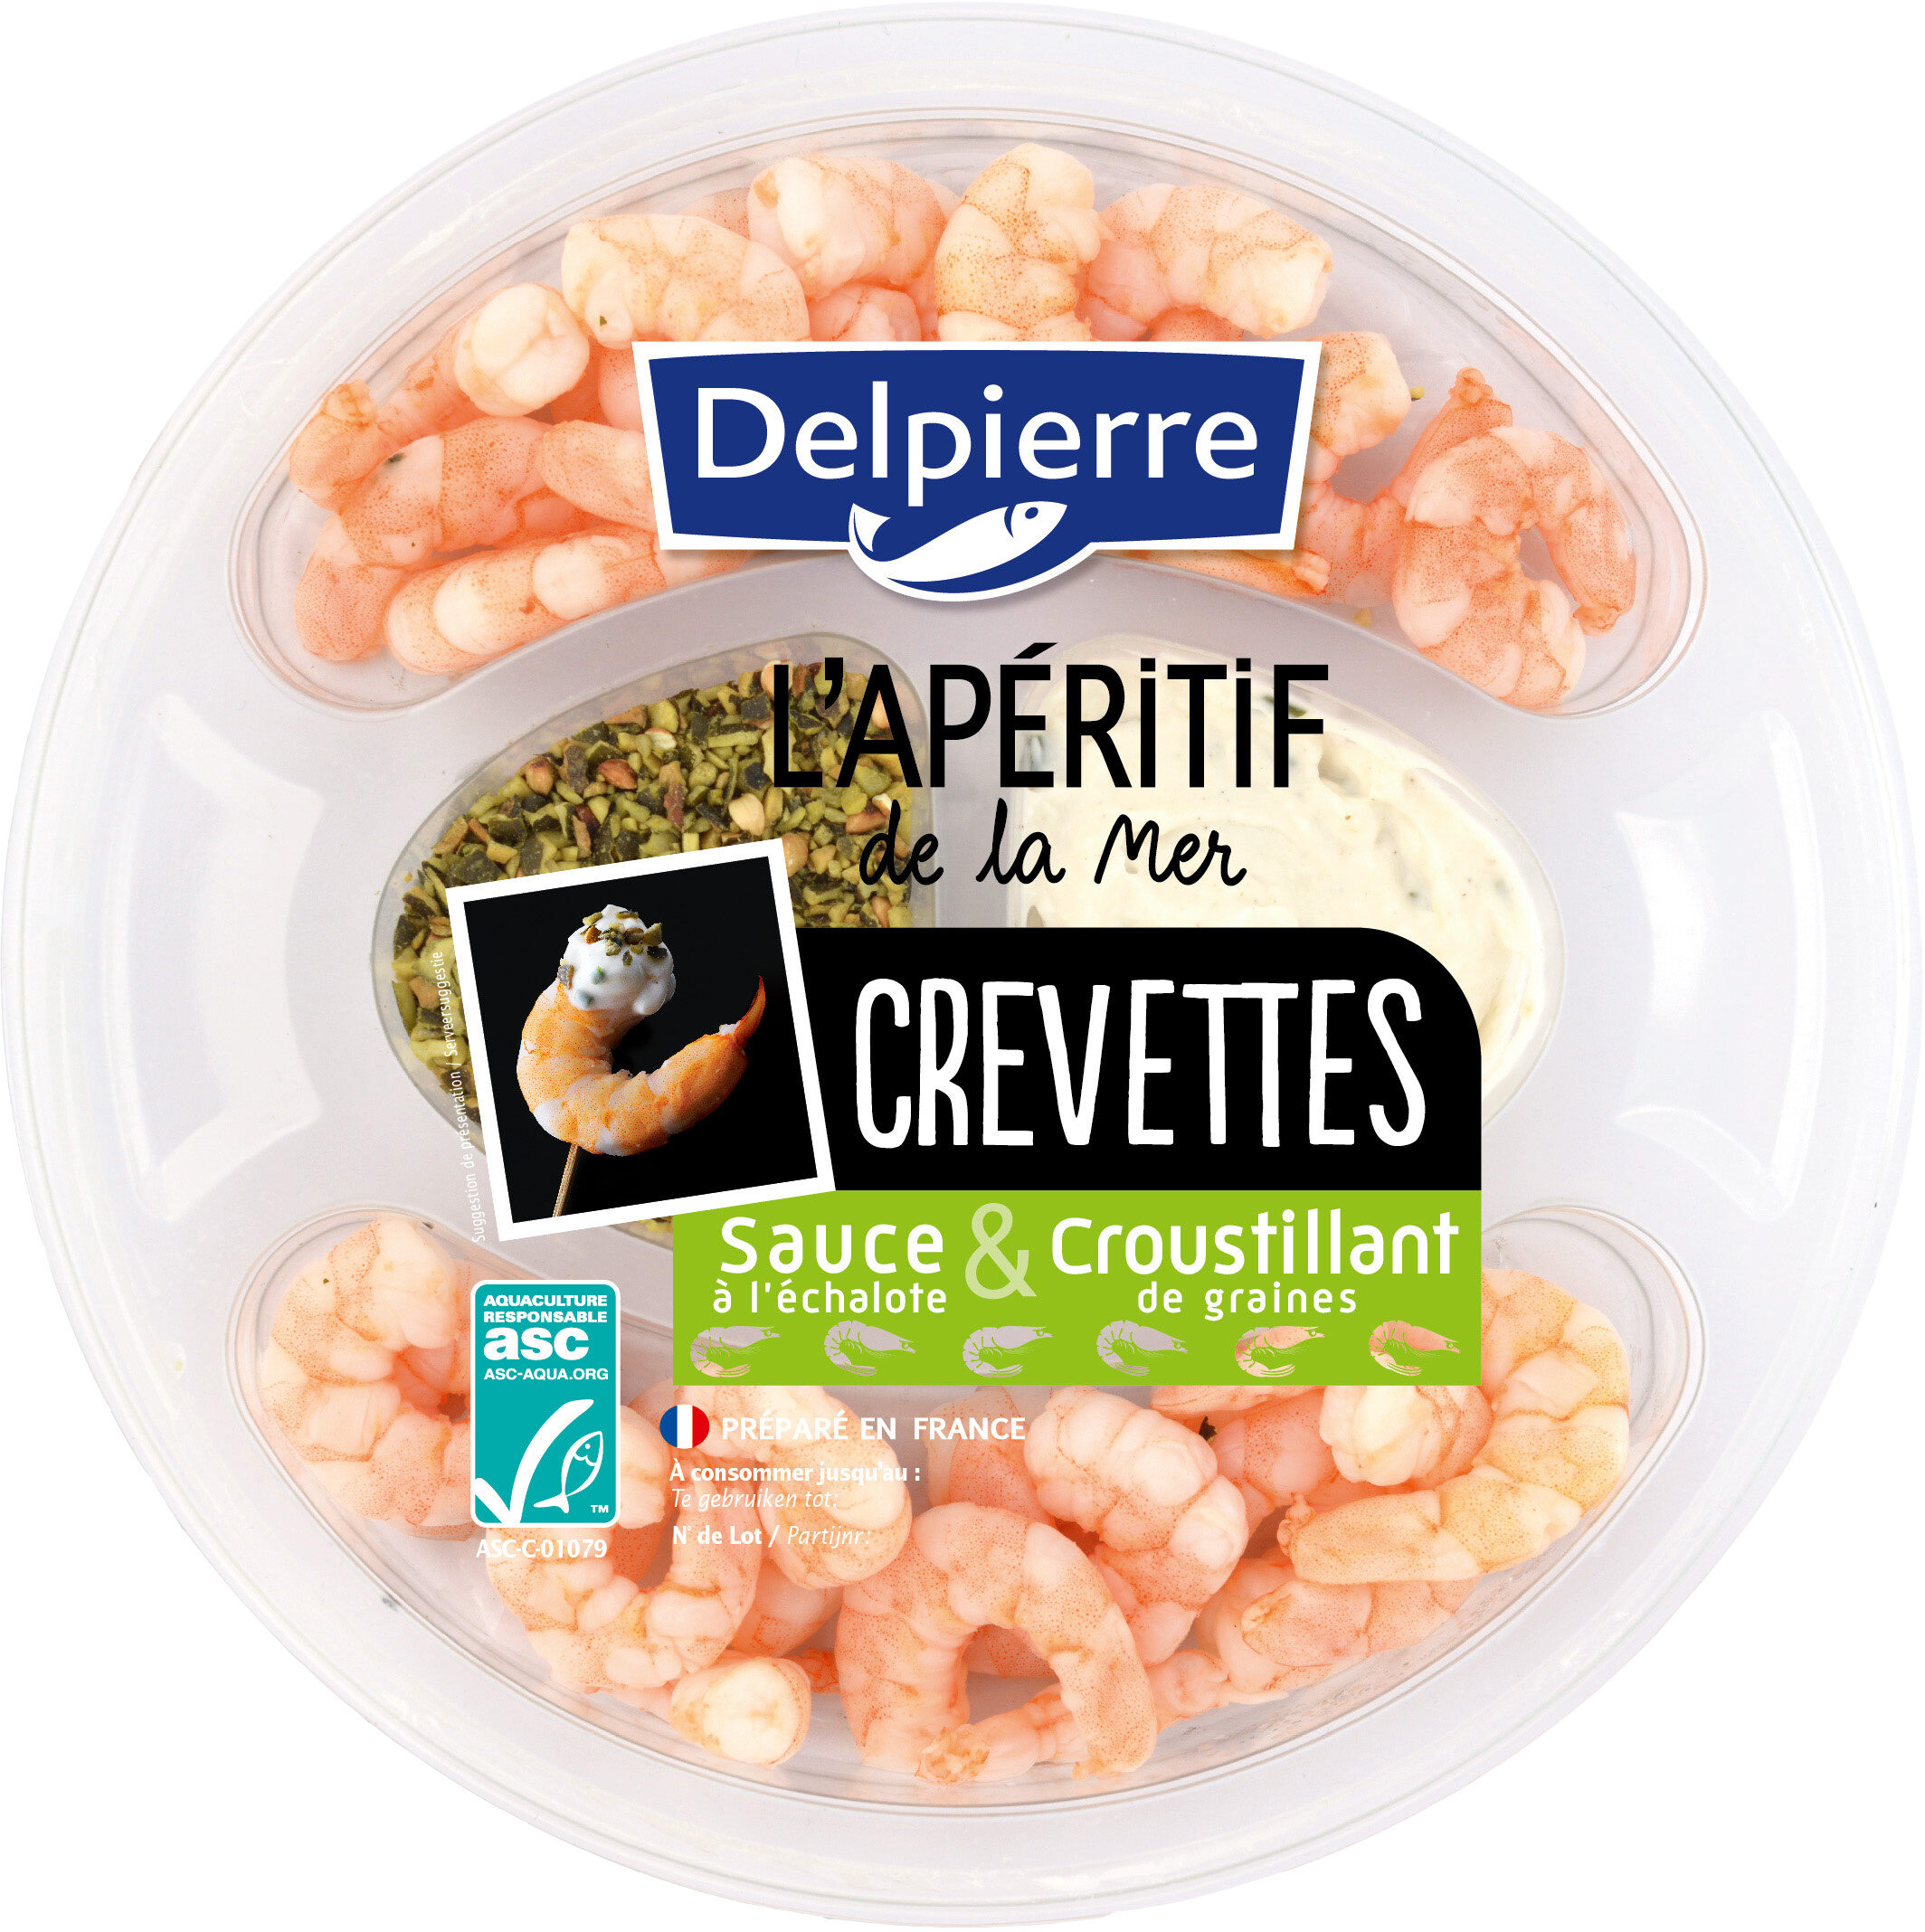 Crevettes Sauce & Graines - Apéritif de la mer - Product - fr